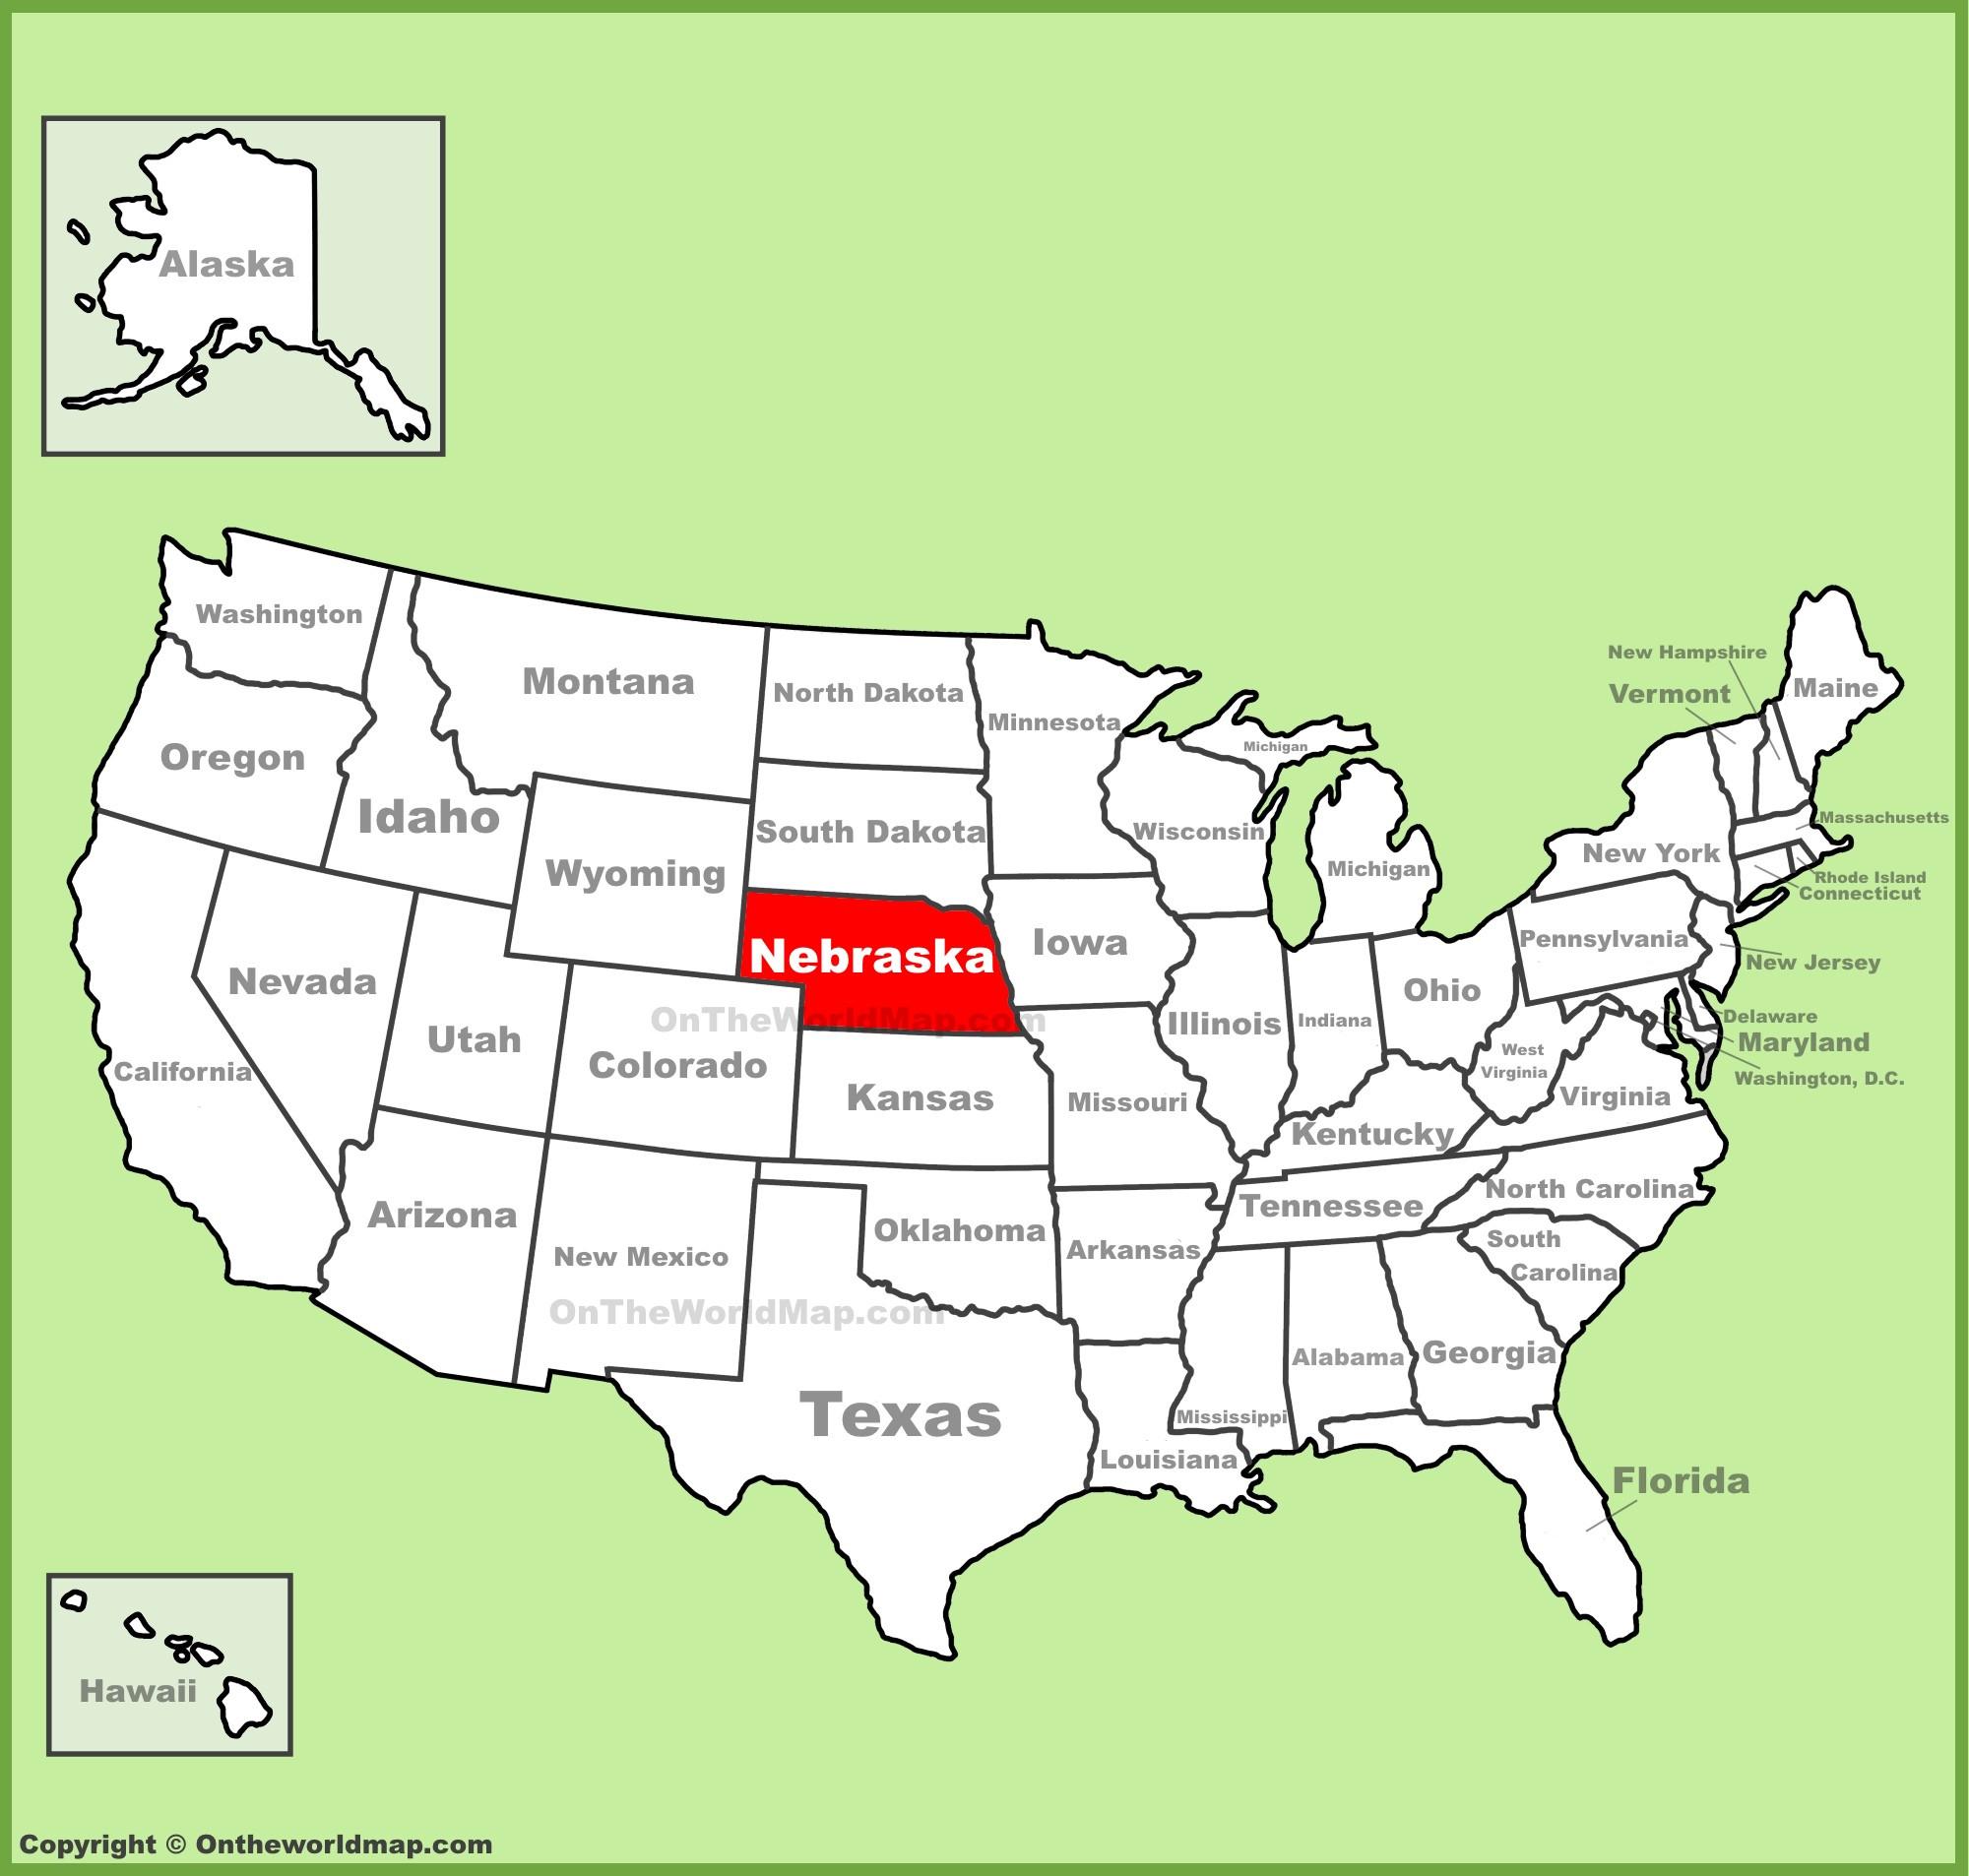 San Diego California On A Map Fresh Nebraska State Maps Usa - San Diego On A Map Of California